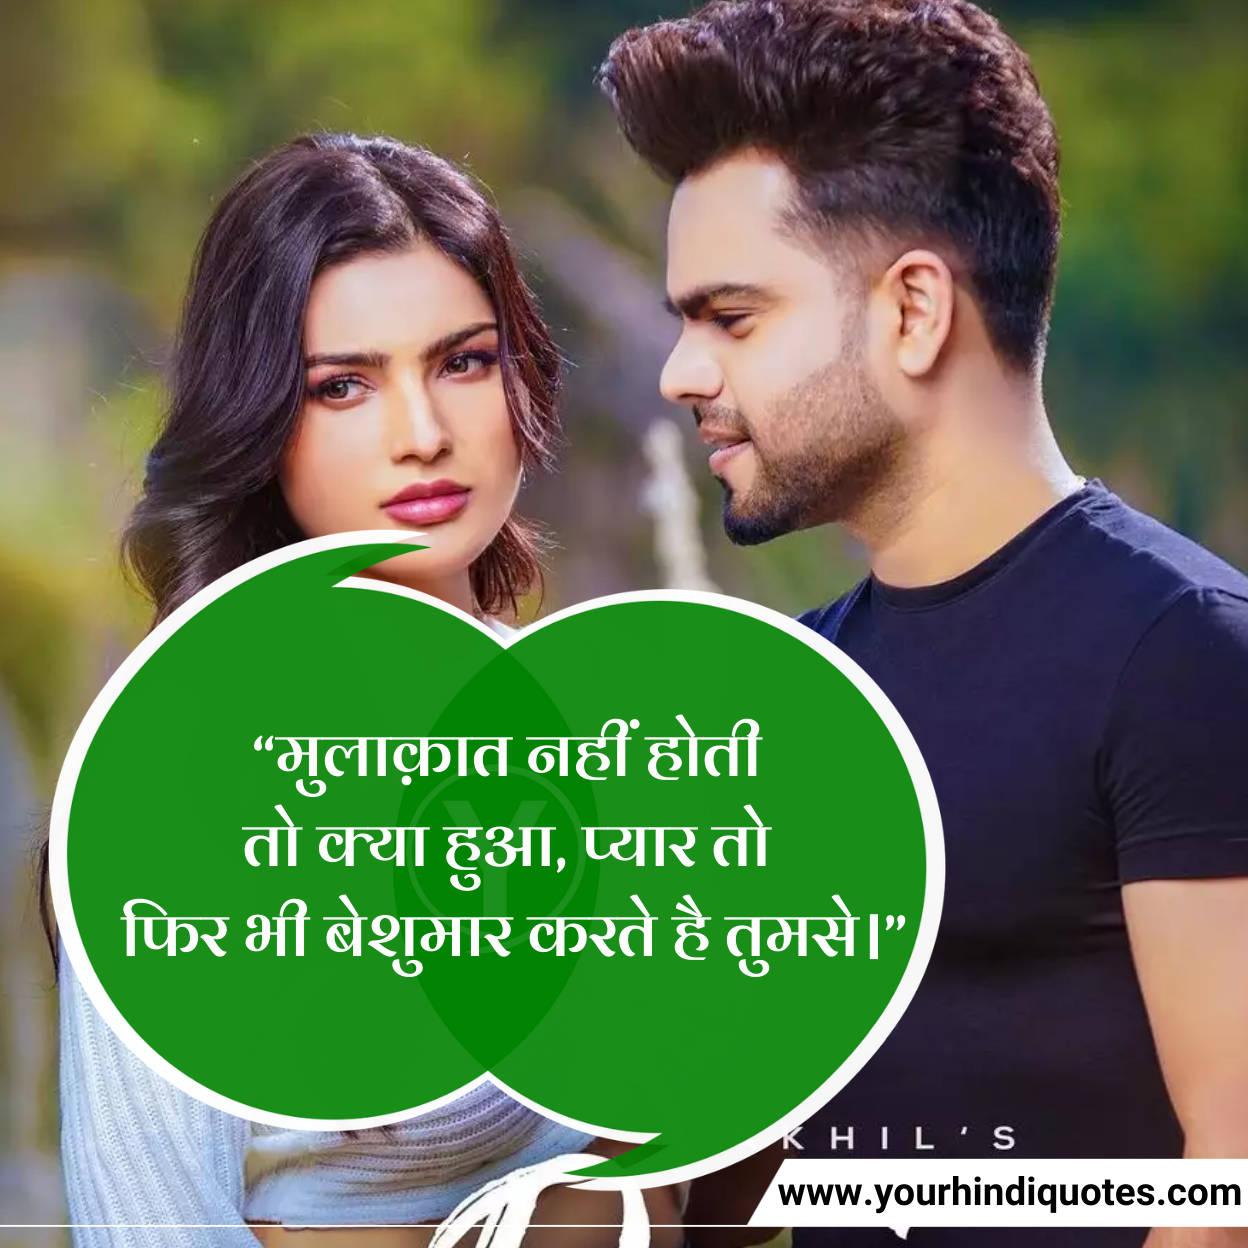 Pyar Ki Status in Hindi Images